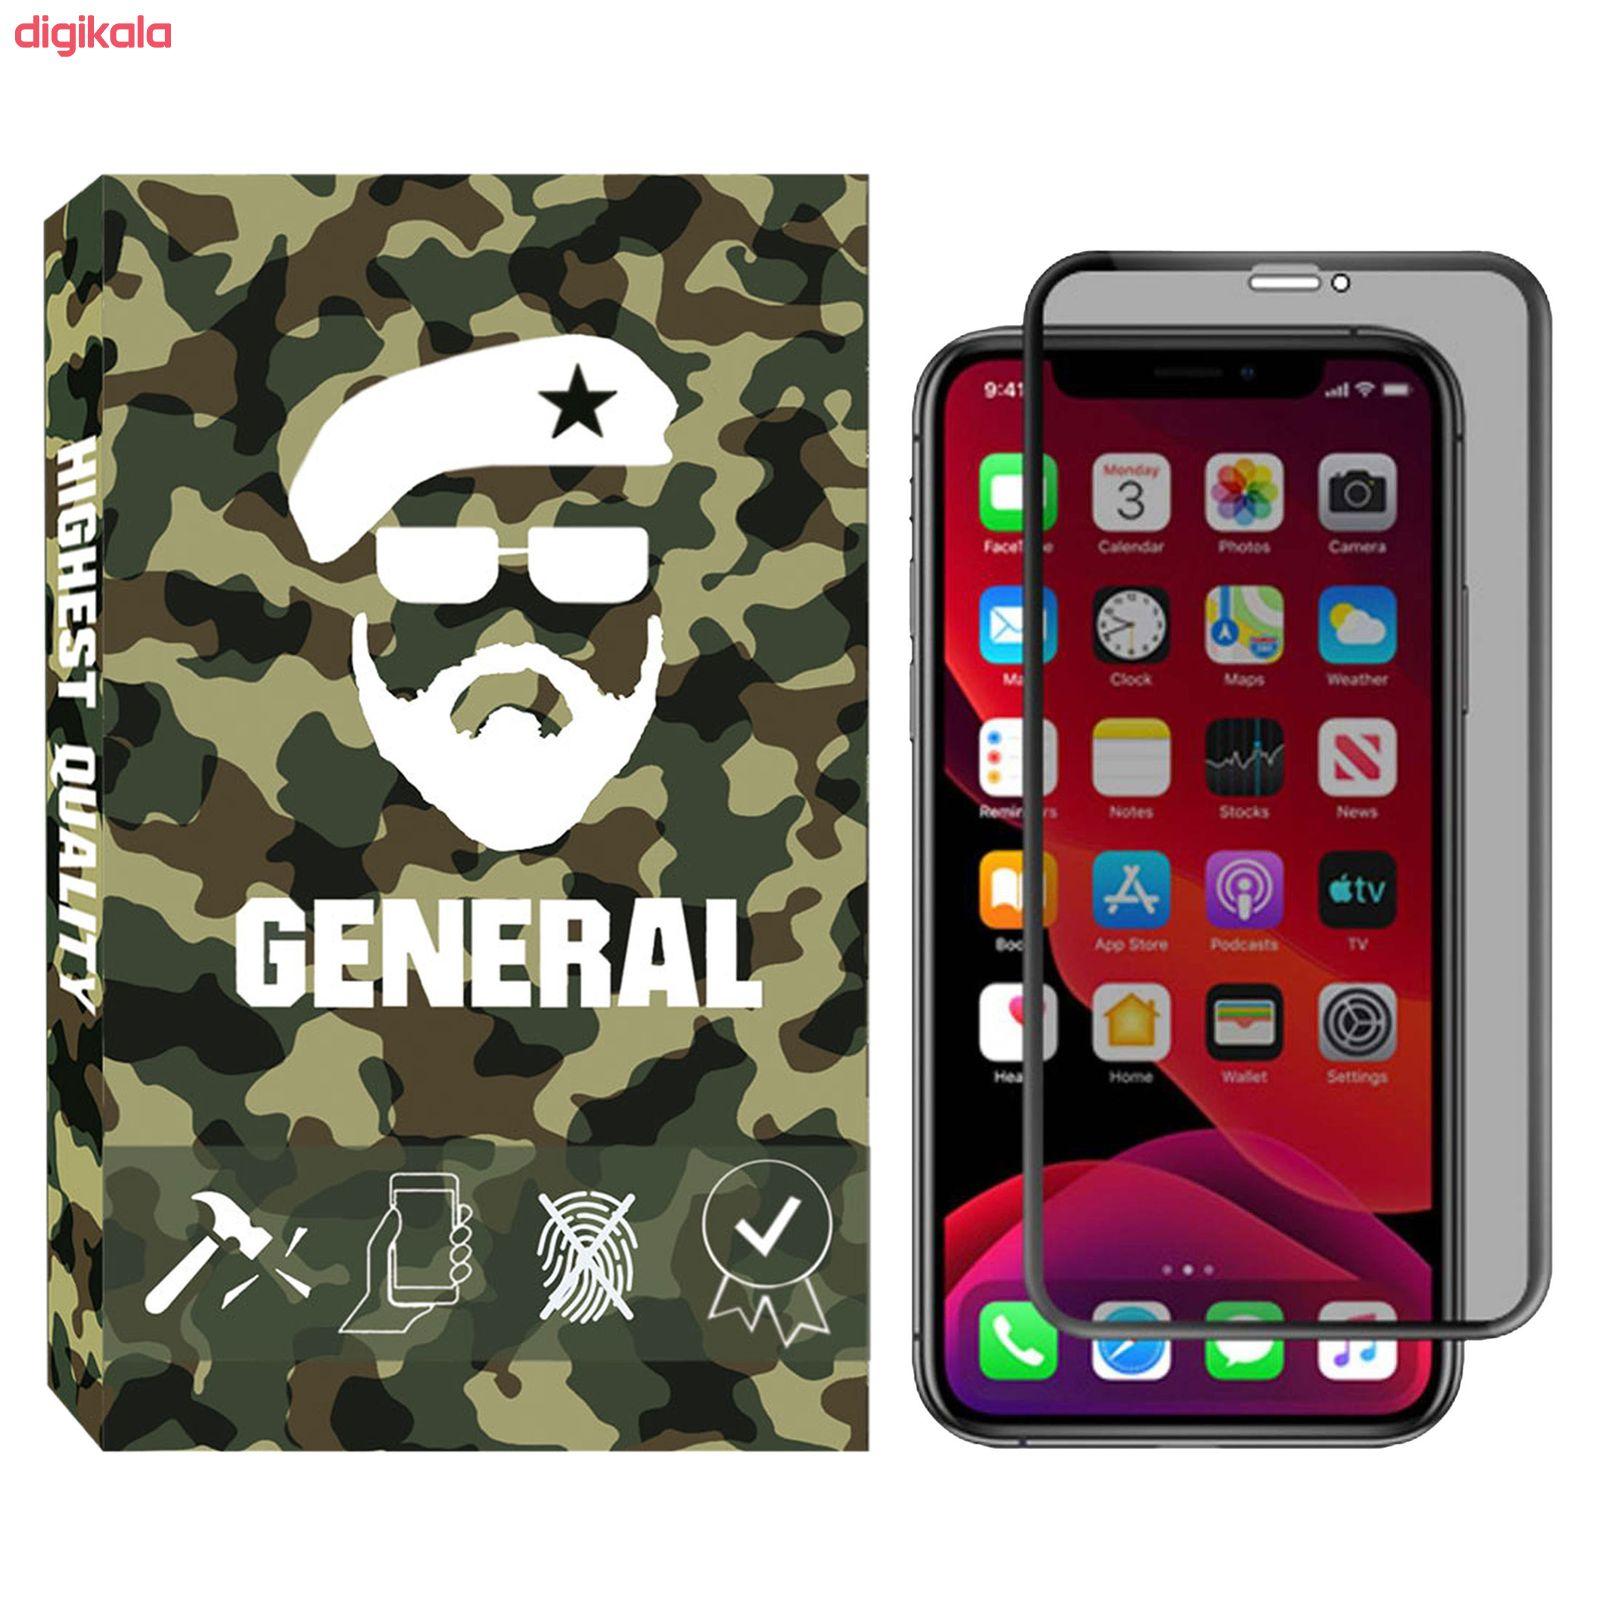 محافظ صفحه نمایش حریم شخصی ژنرال مدل GNprv-01 مناسب برای گوشی موبایل اپل IPhone X / XS main 1 1